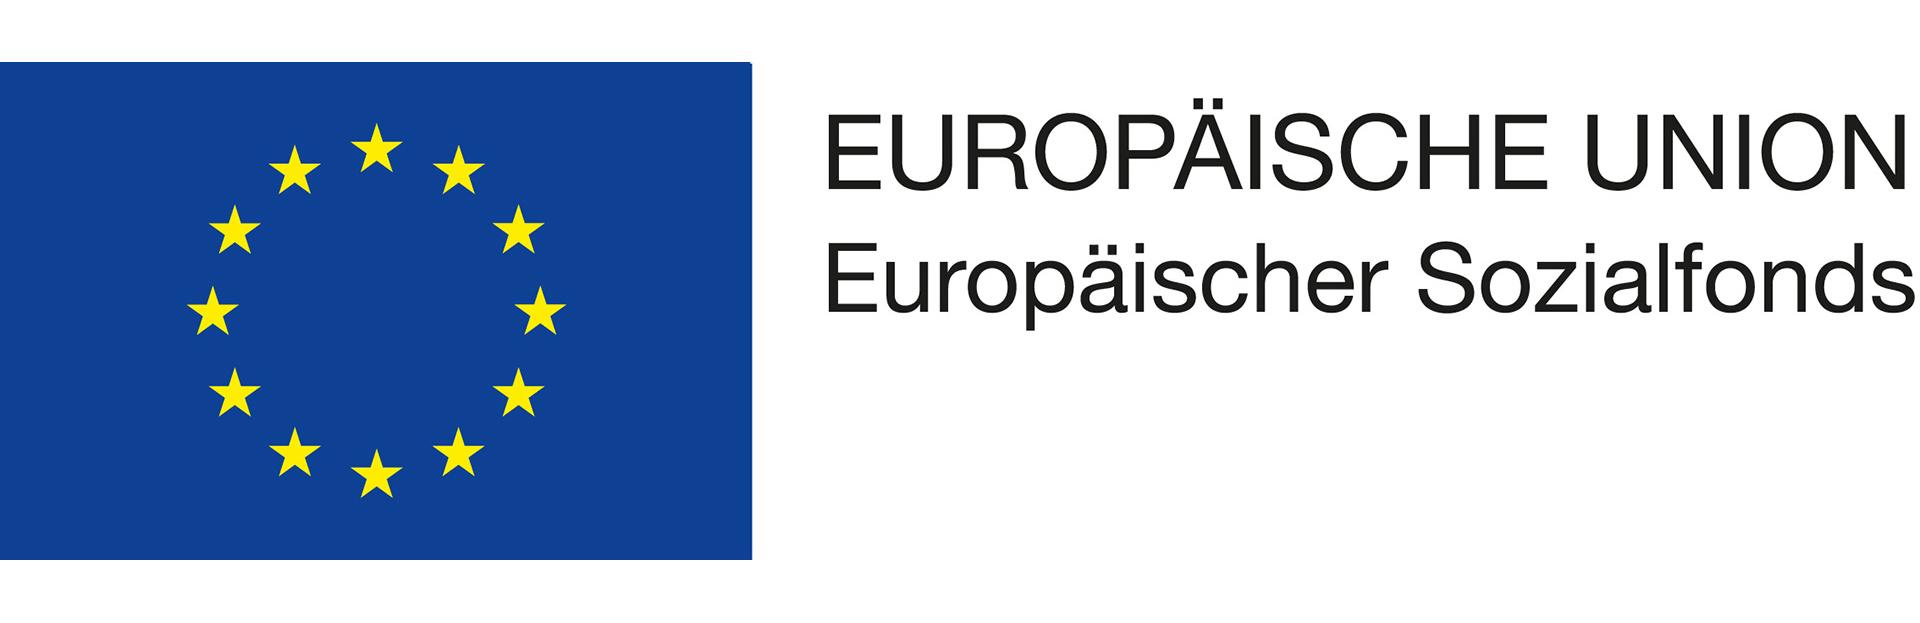 Foerderhinweis Europäischer Sozialfonds